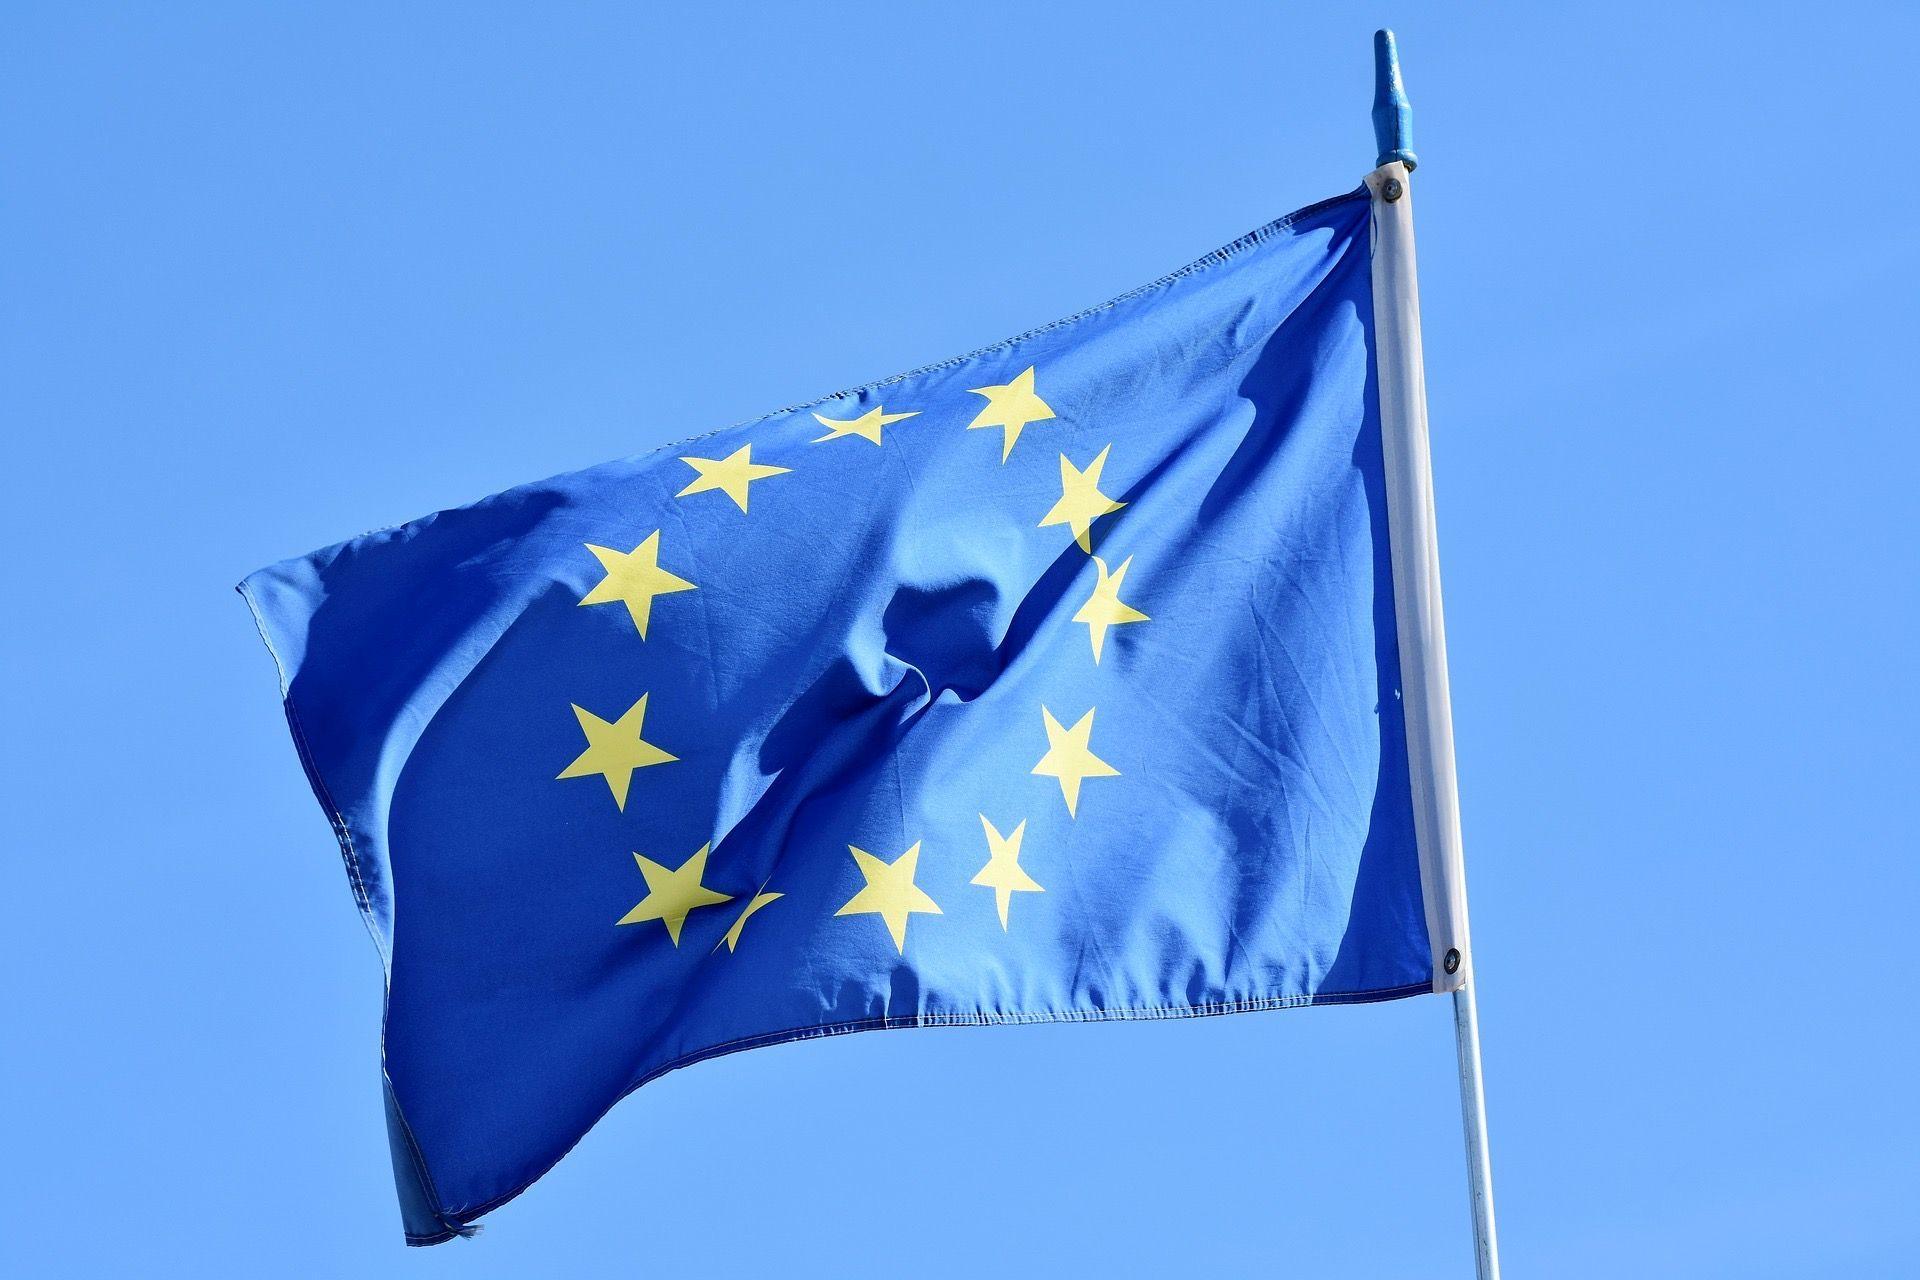 Flagga med gula stjärnor.